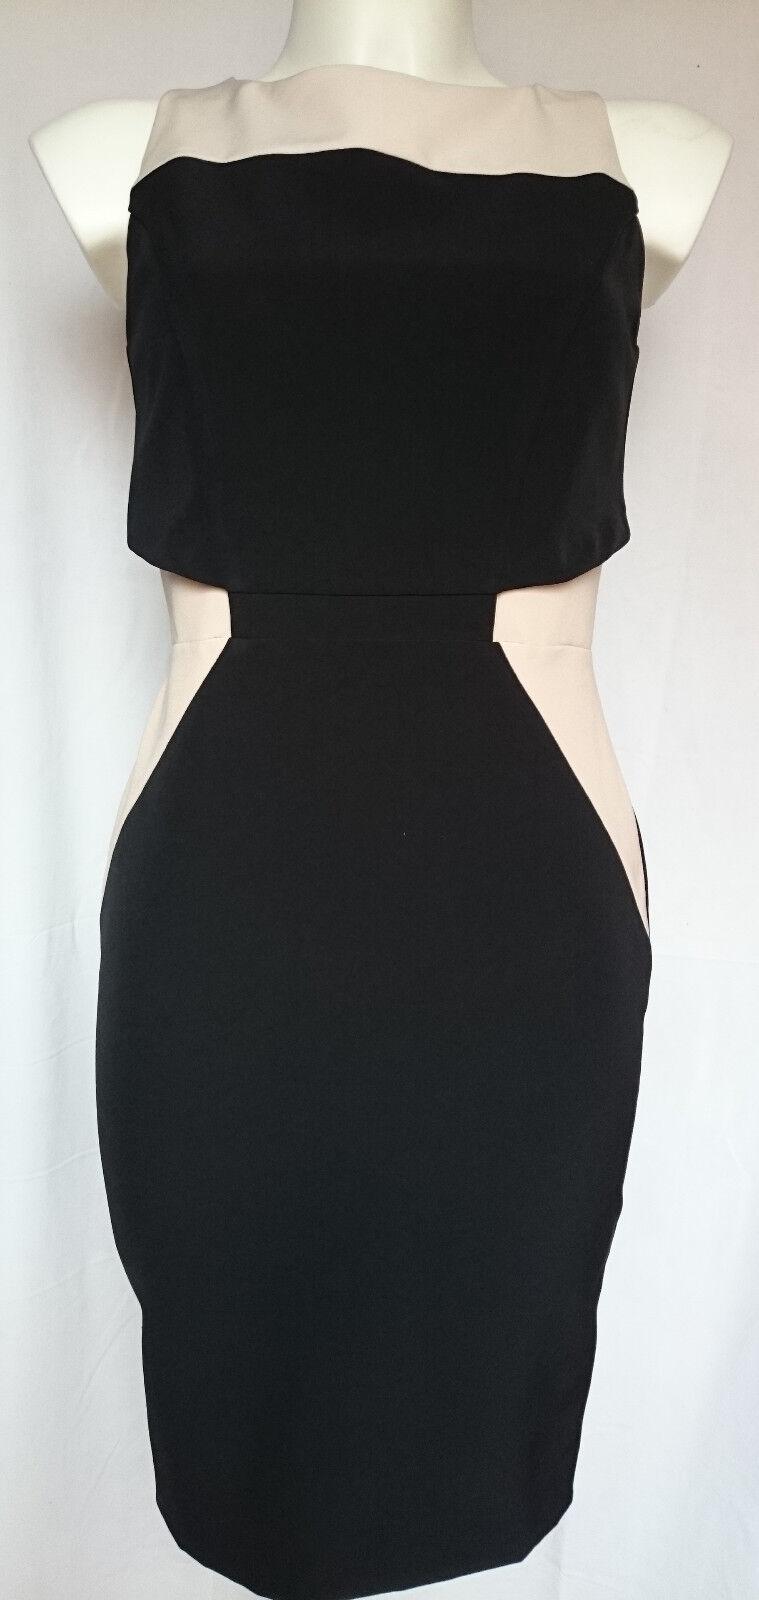 ABITO damen Aviù schwarz cipria Woherren Dress tg 42 Made in